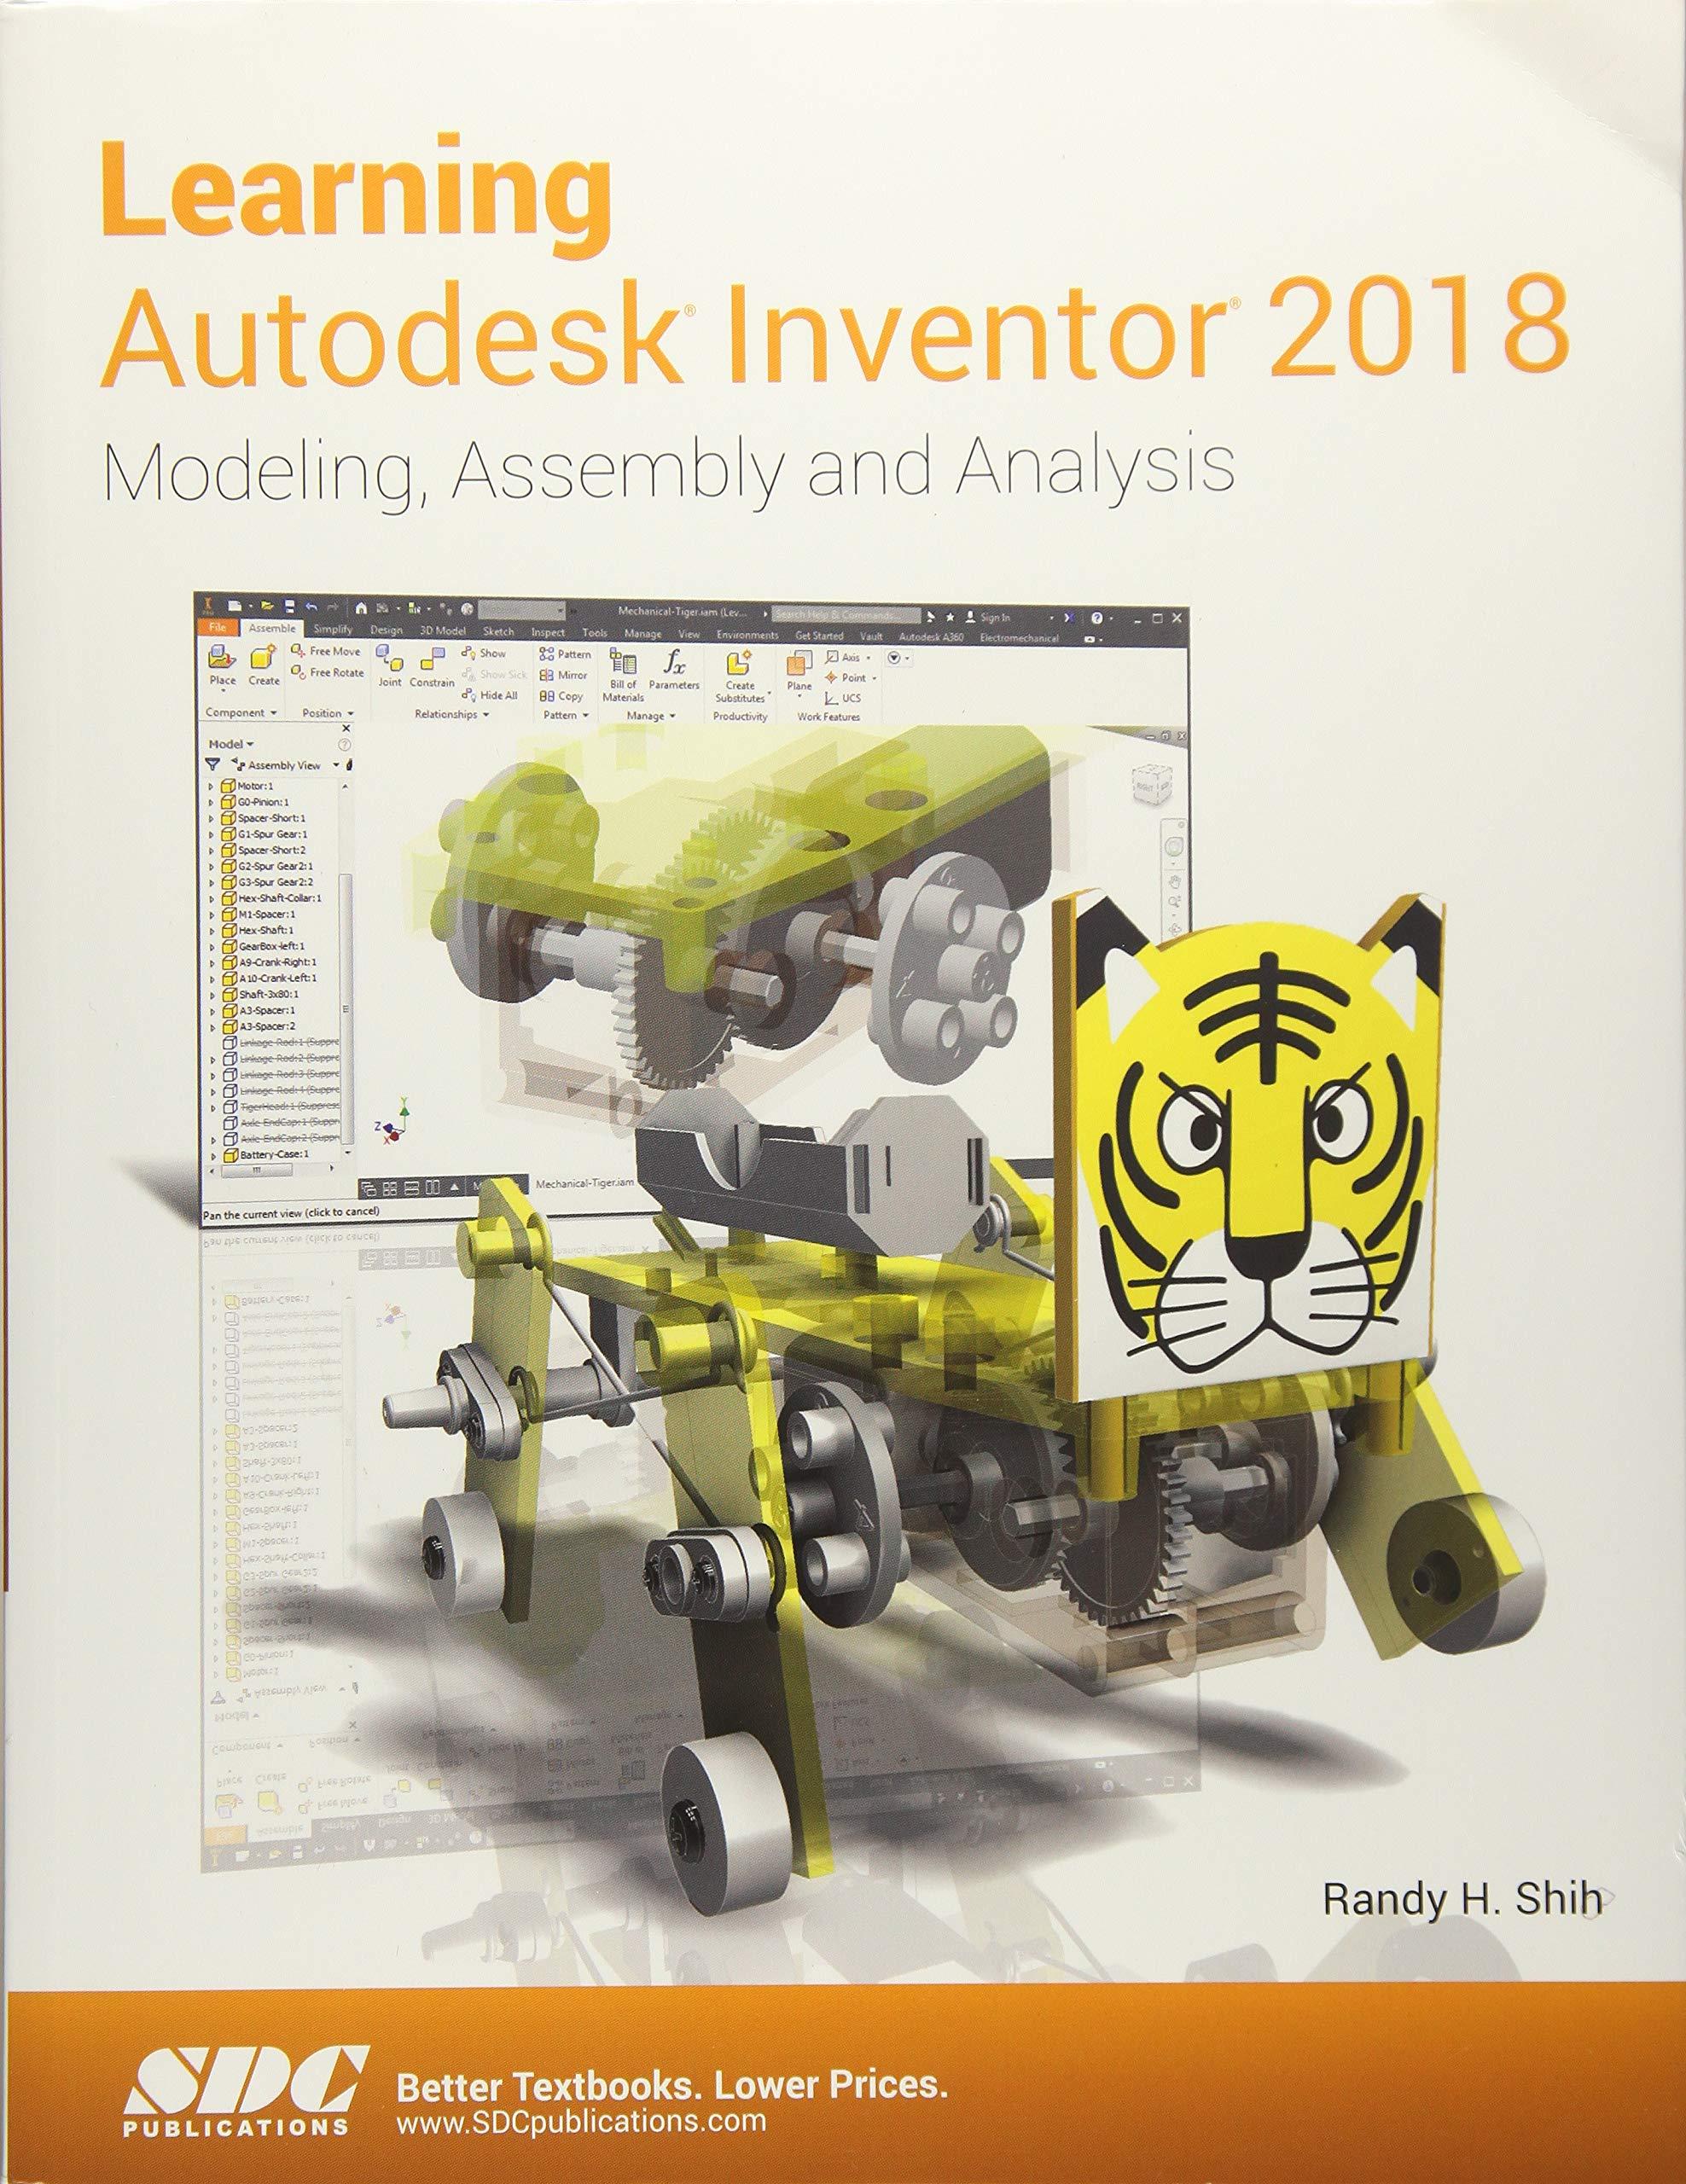 Learning Autodesk Inventor 2018: Amazon.es: Shih, Randy: Libros en idiomas extranjeros